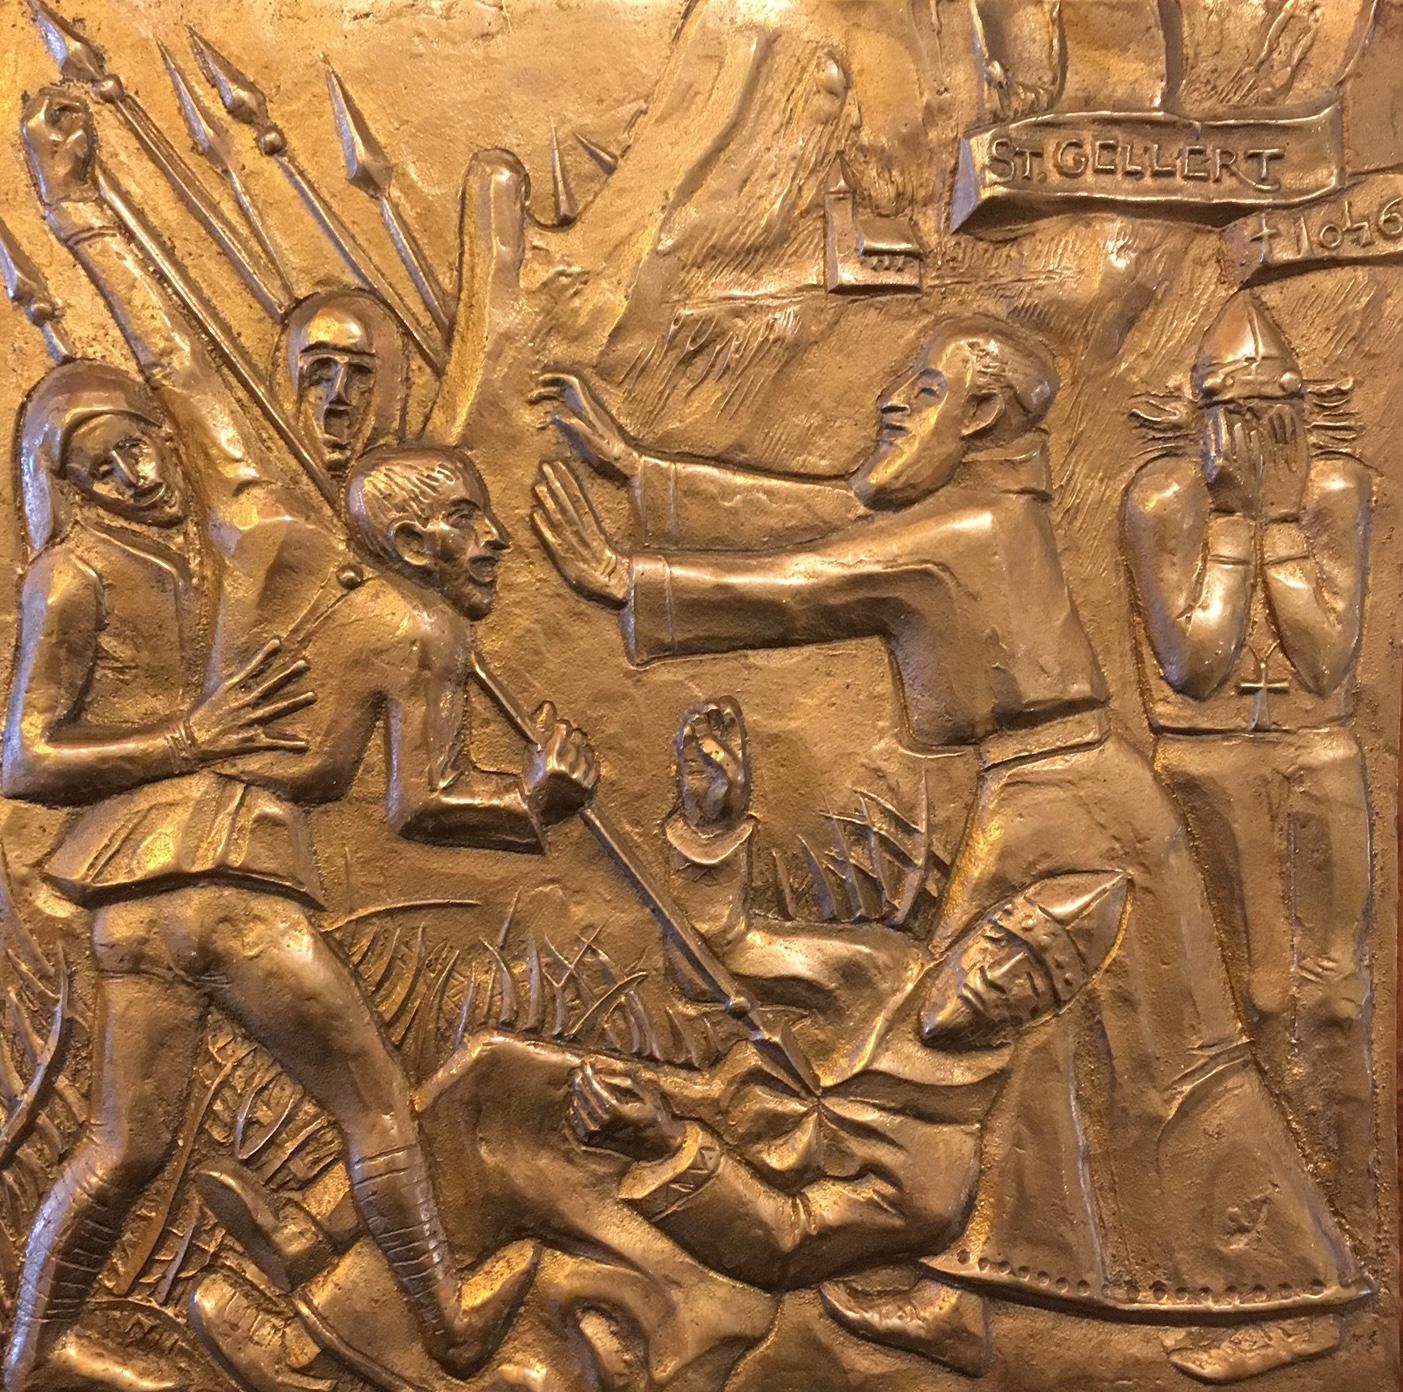 Kő Pál: St. Gellért